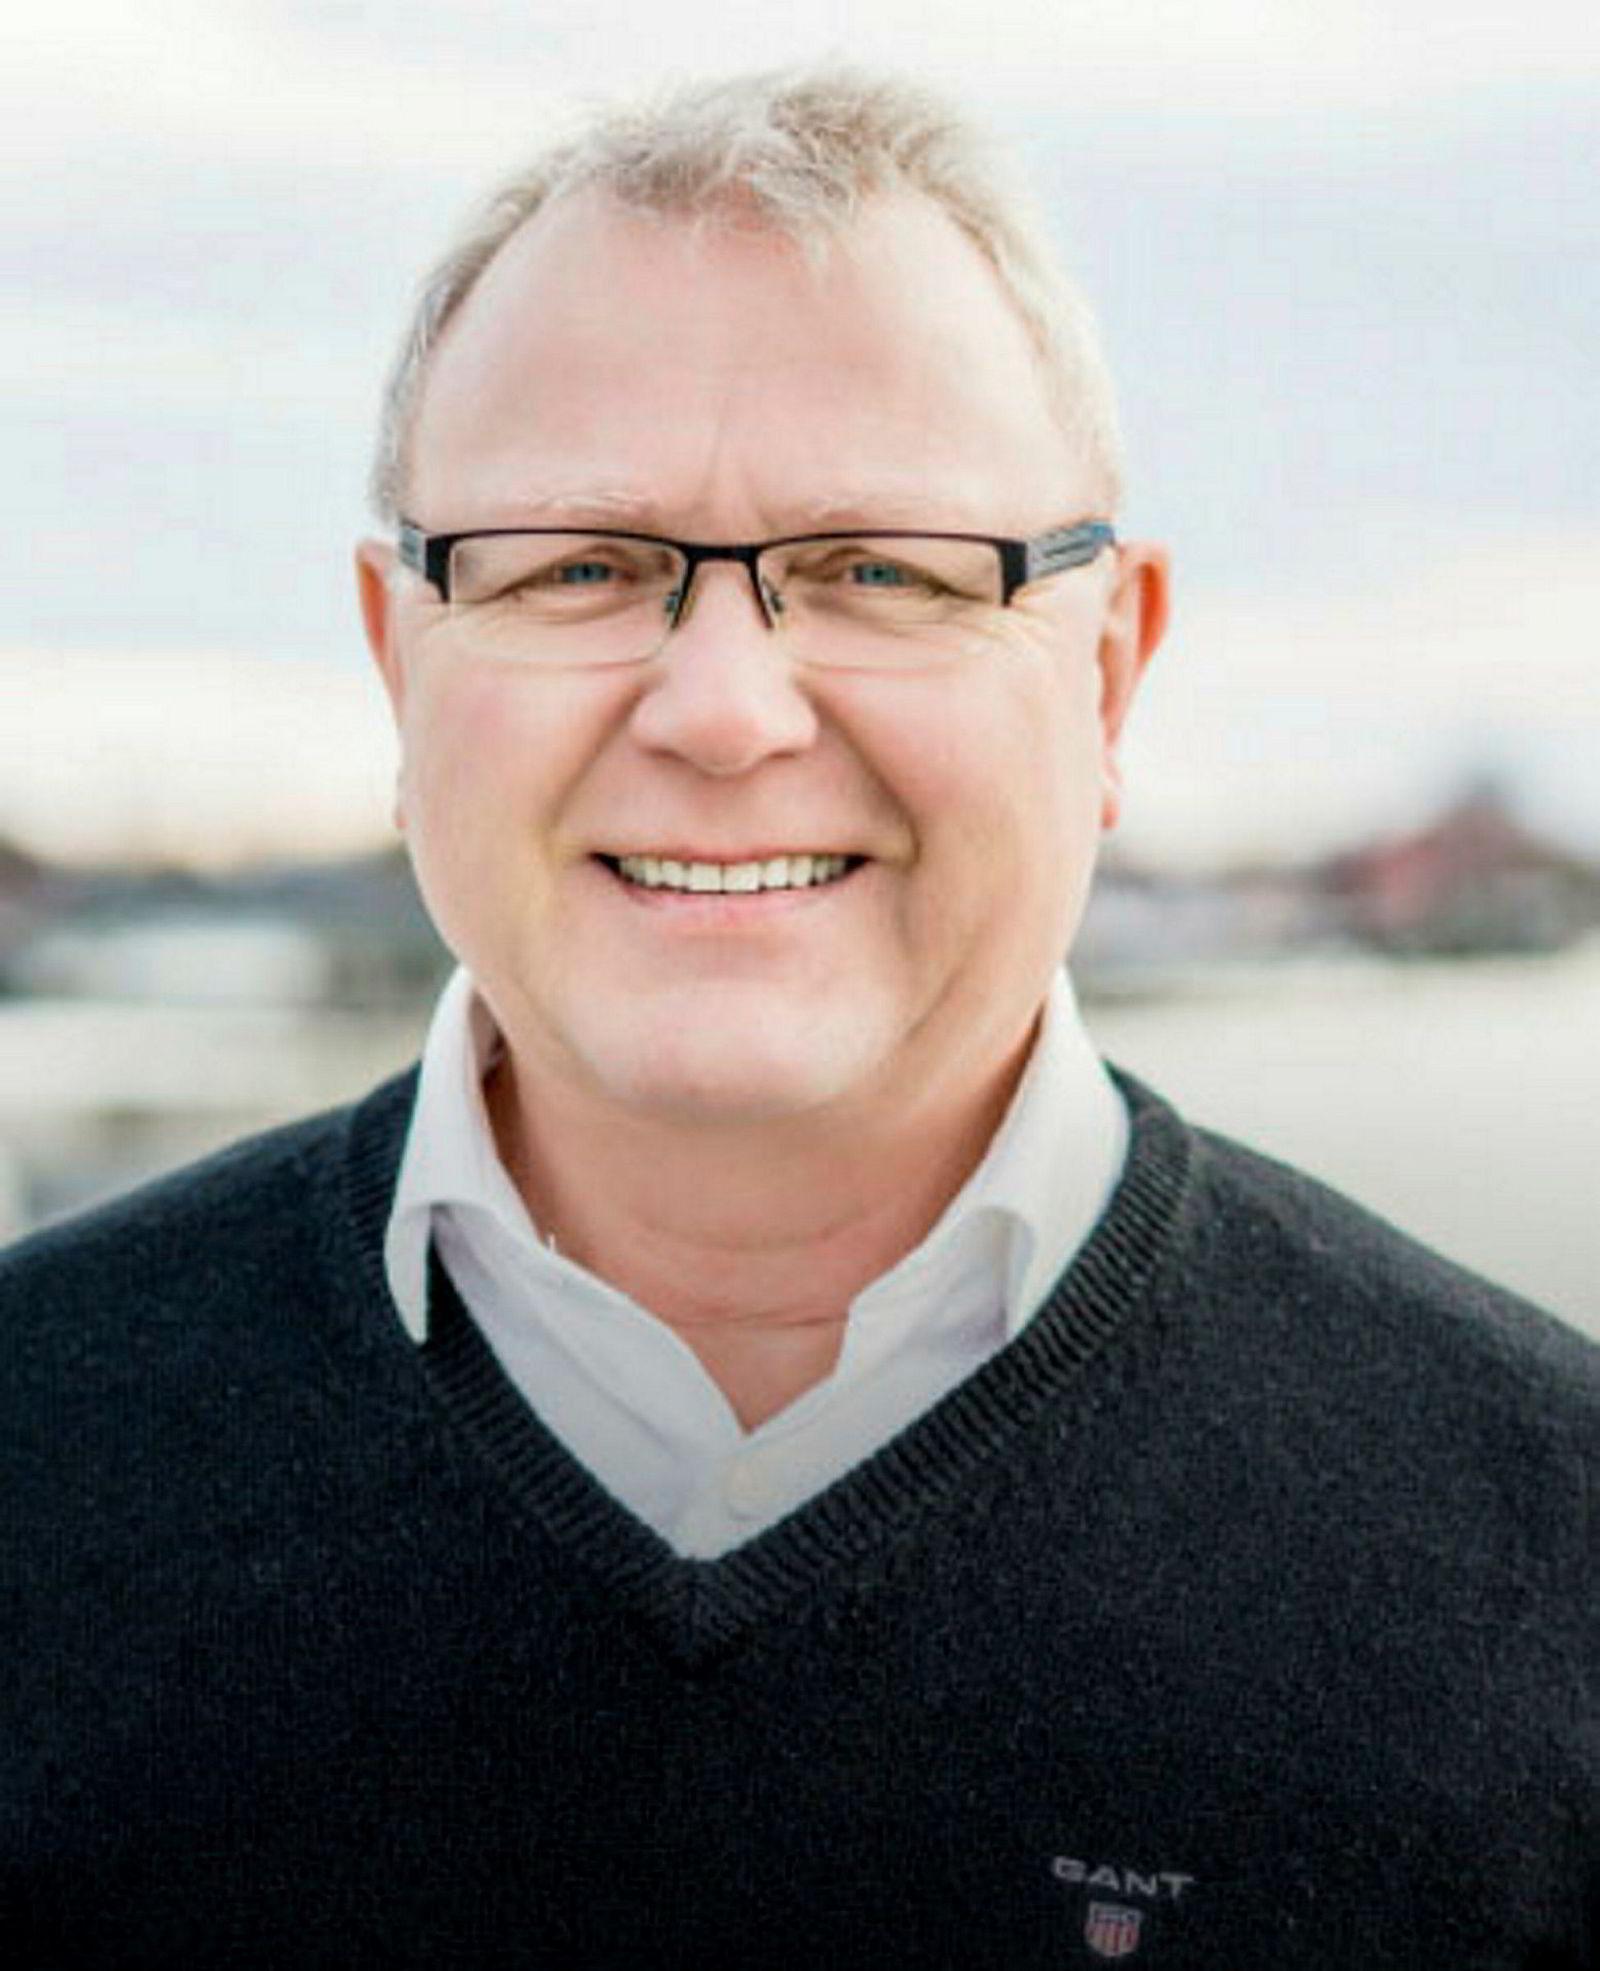 Eiendomsmegler Tom Didrik Eriksen.